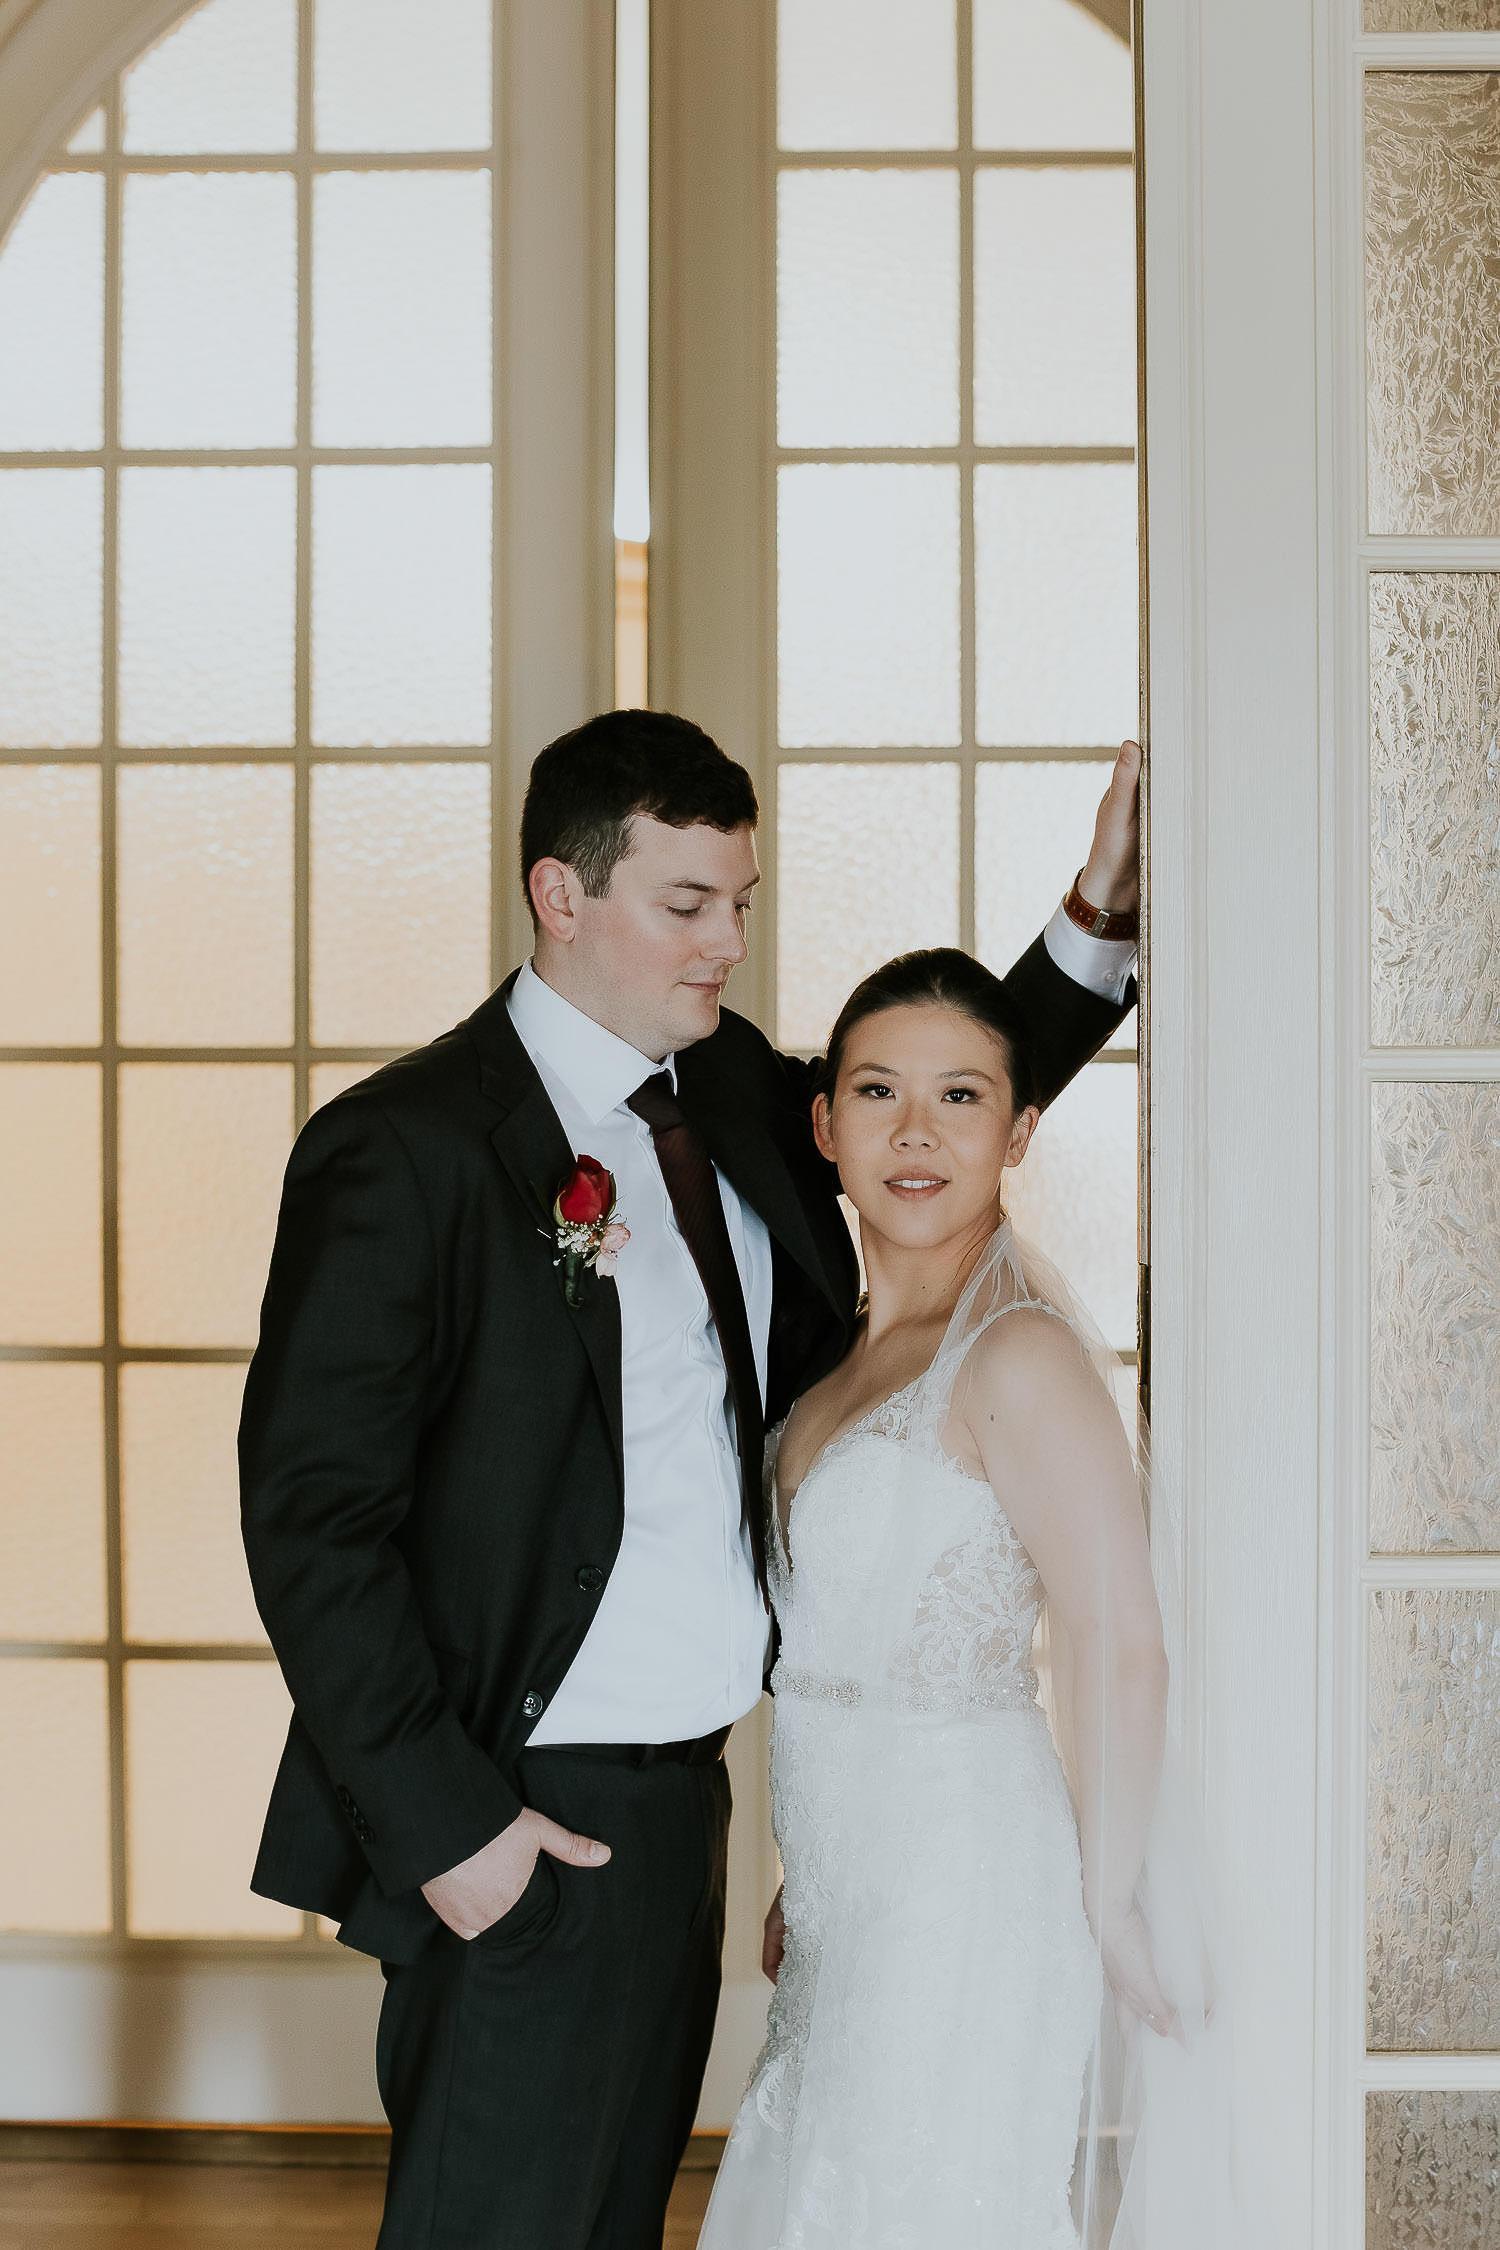 intimate-wedding-at-banff-springs-hotel-sarah-pukin-0209